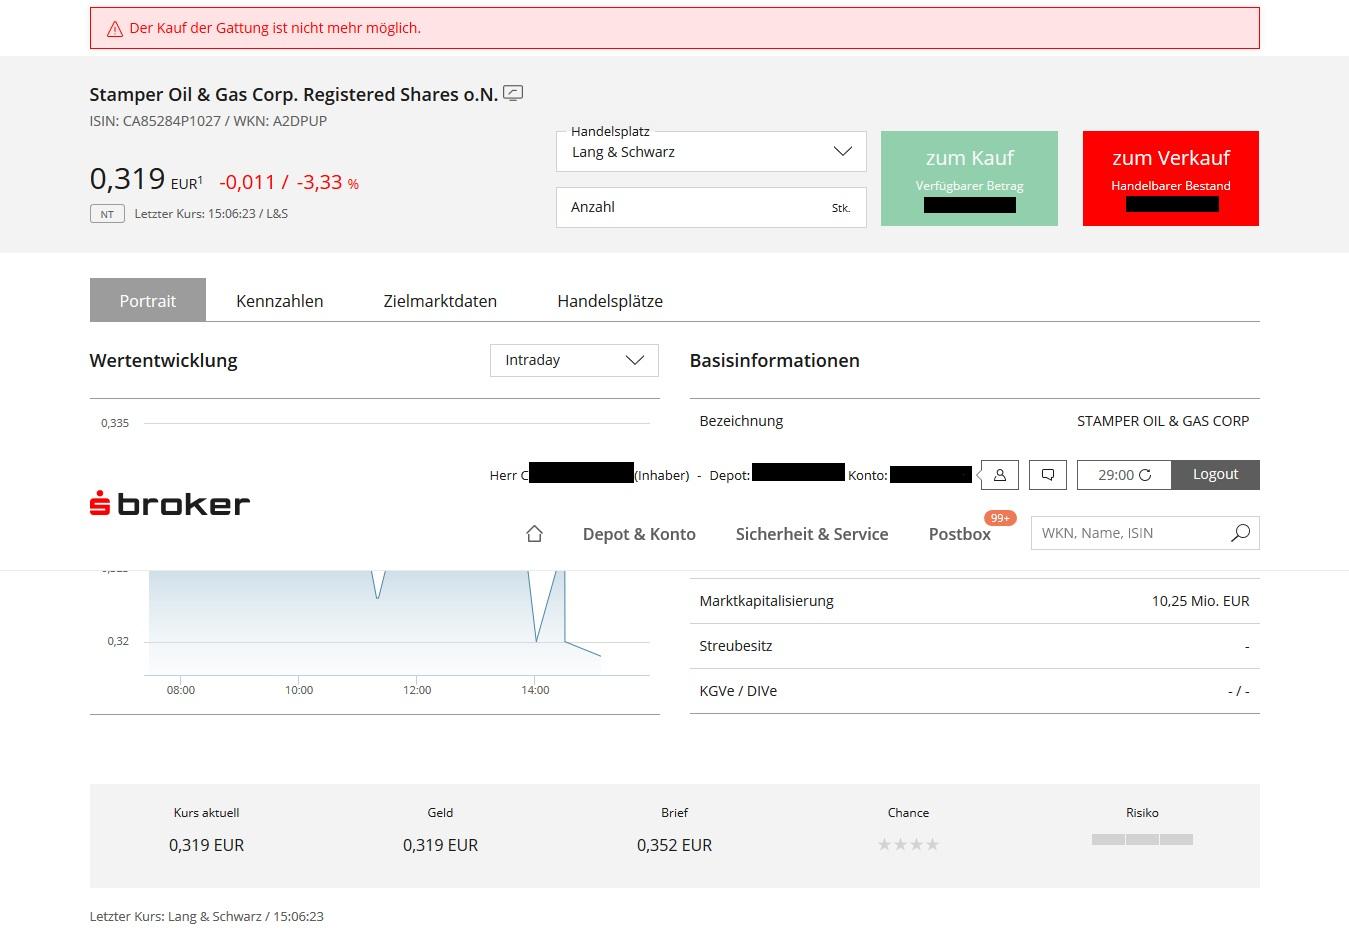 screenshot-2018-2-26_s_broker_depot.jpg